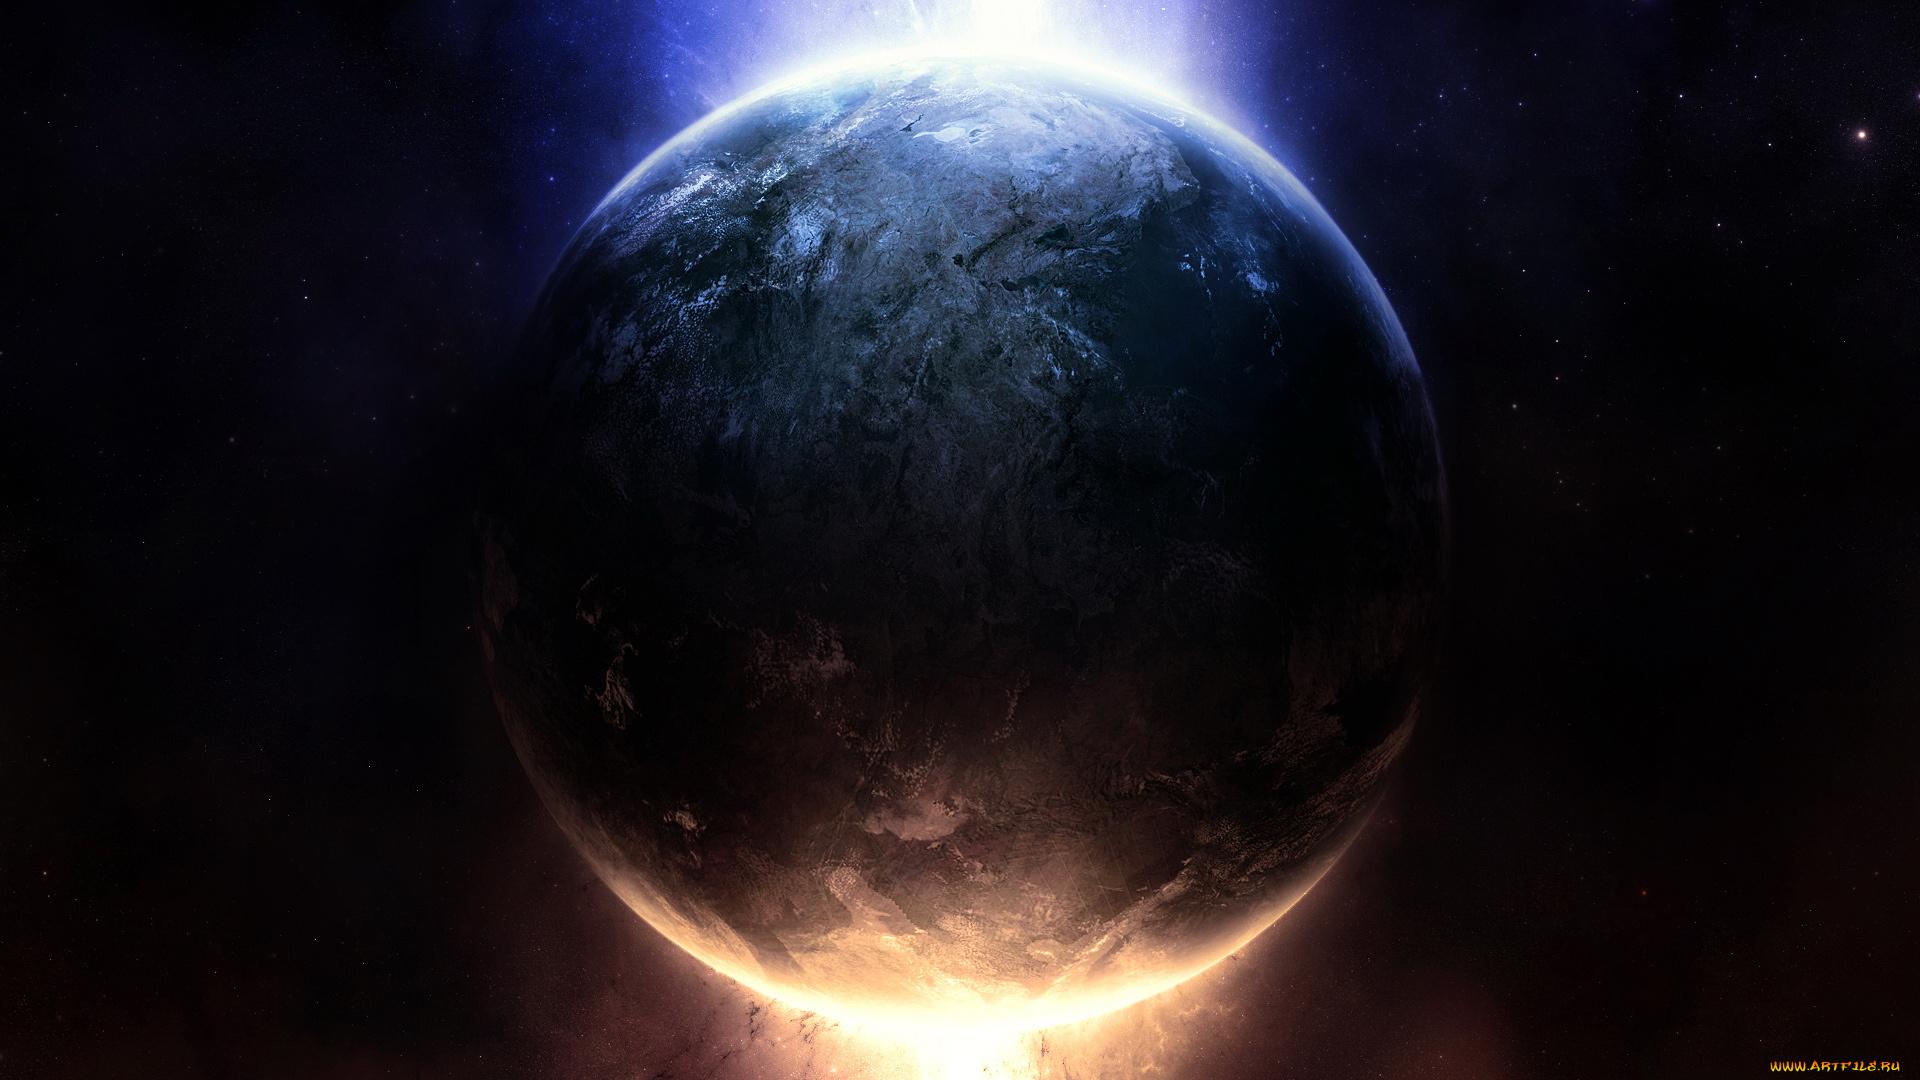 Обои огненная планета картинки на рабочий стол на тему Космос - скачать  № 433770  скачать